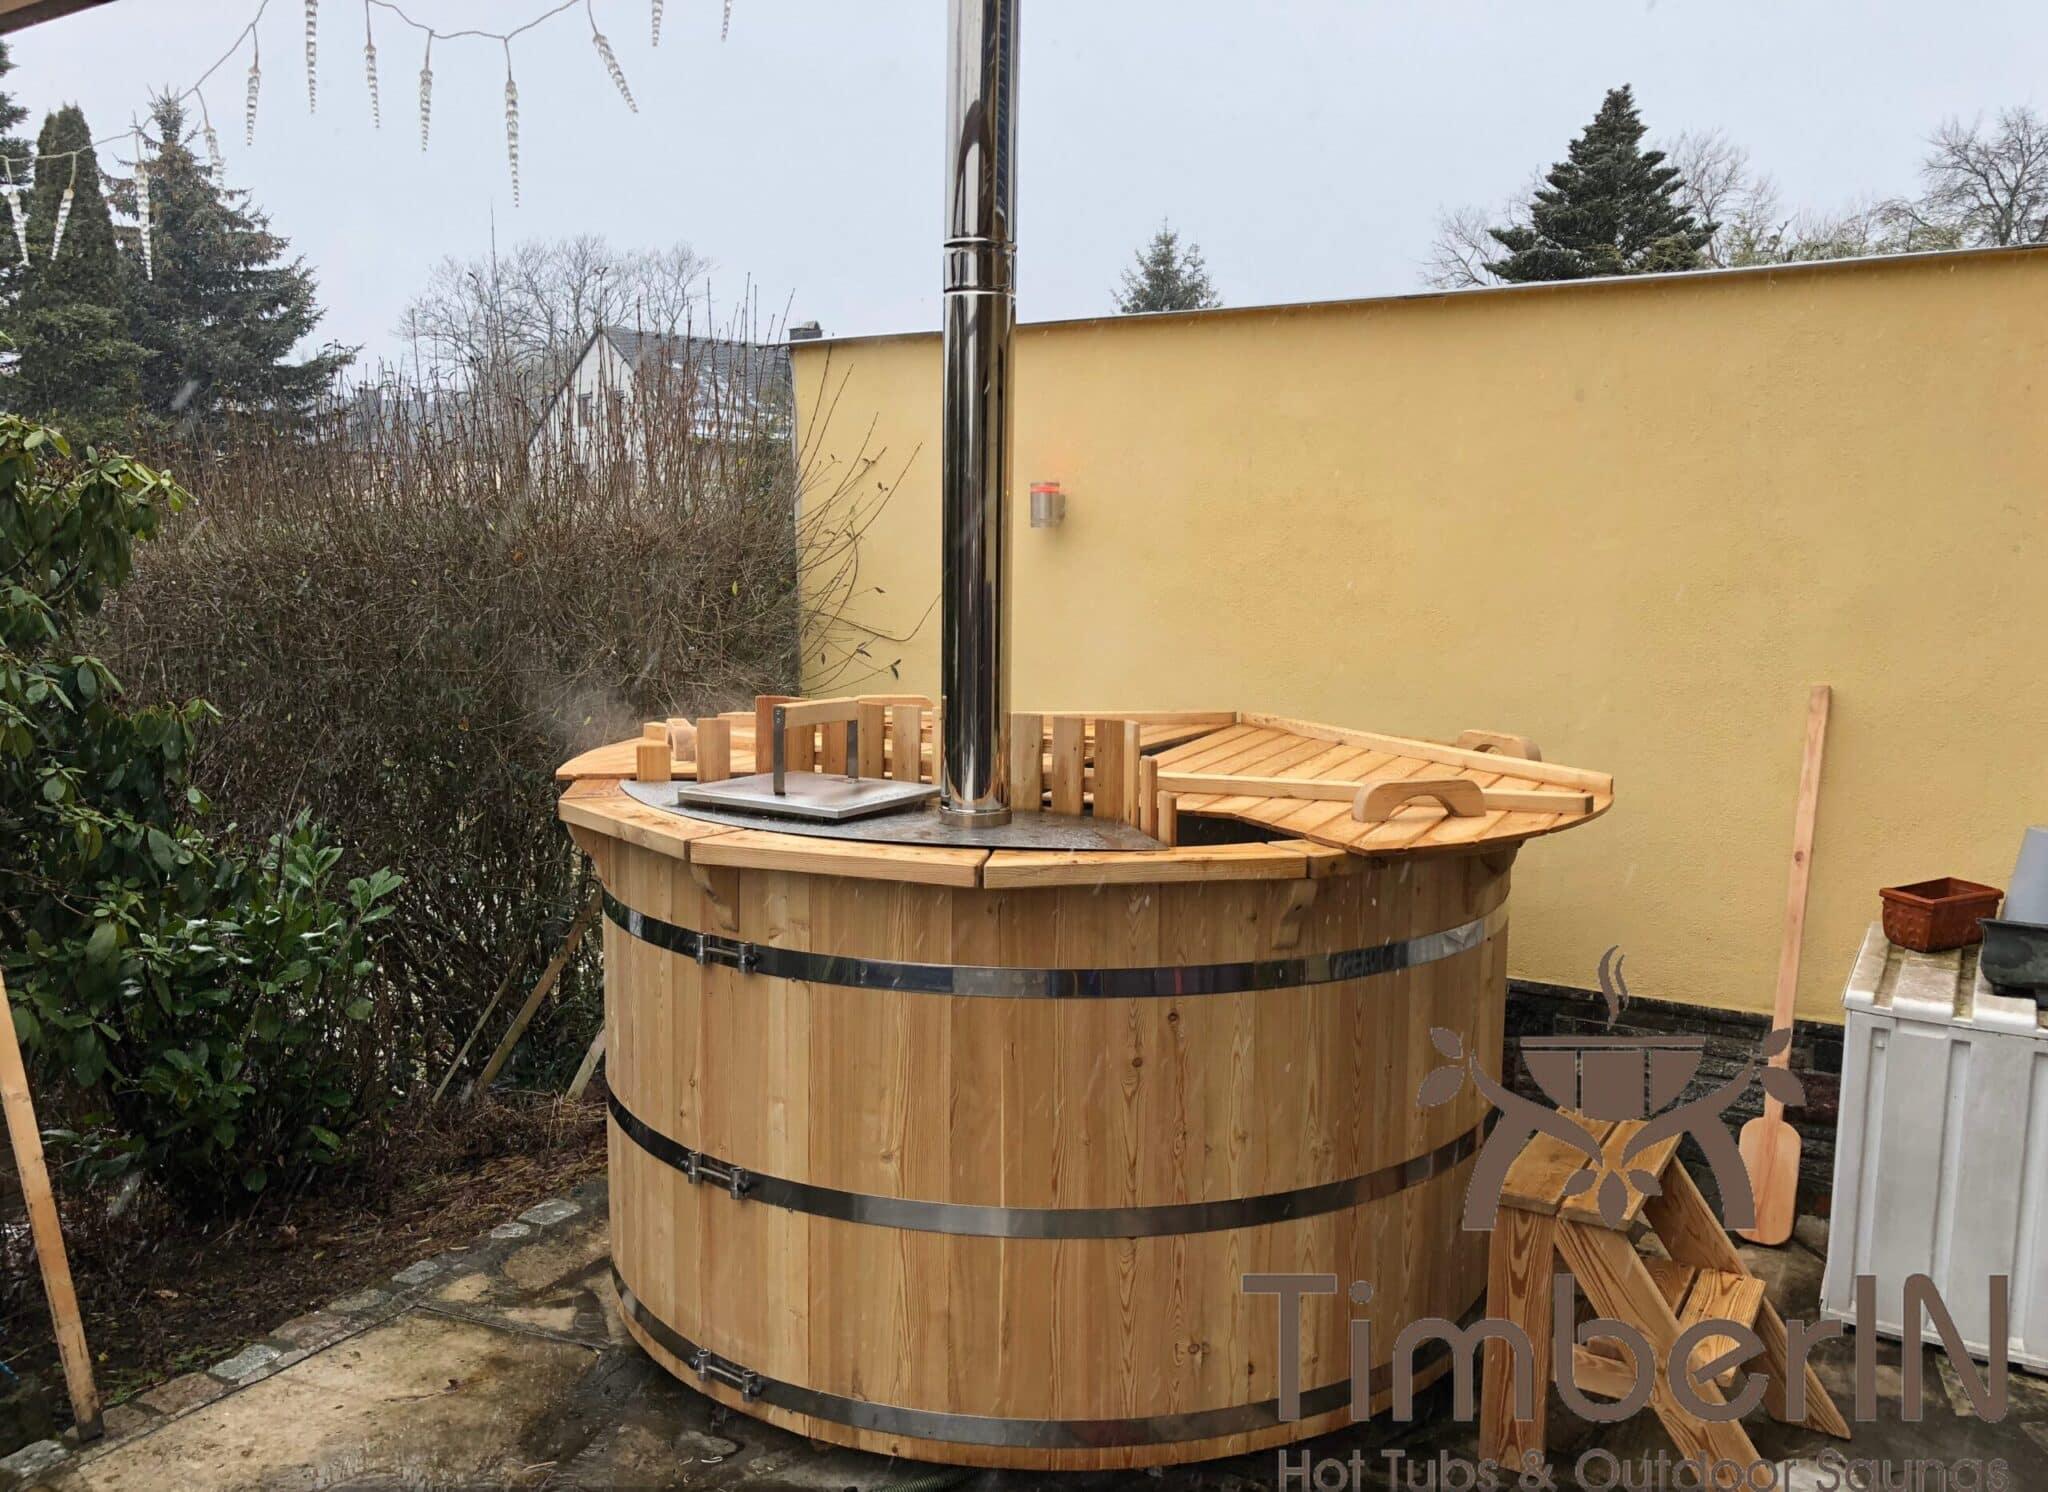 Badezuber Badefass Fichte Bausatz 1 scaled